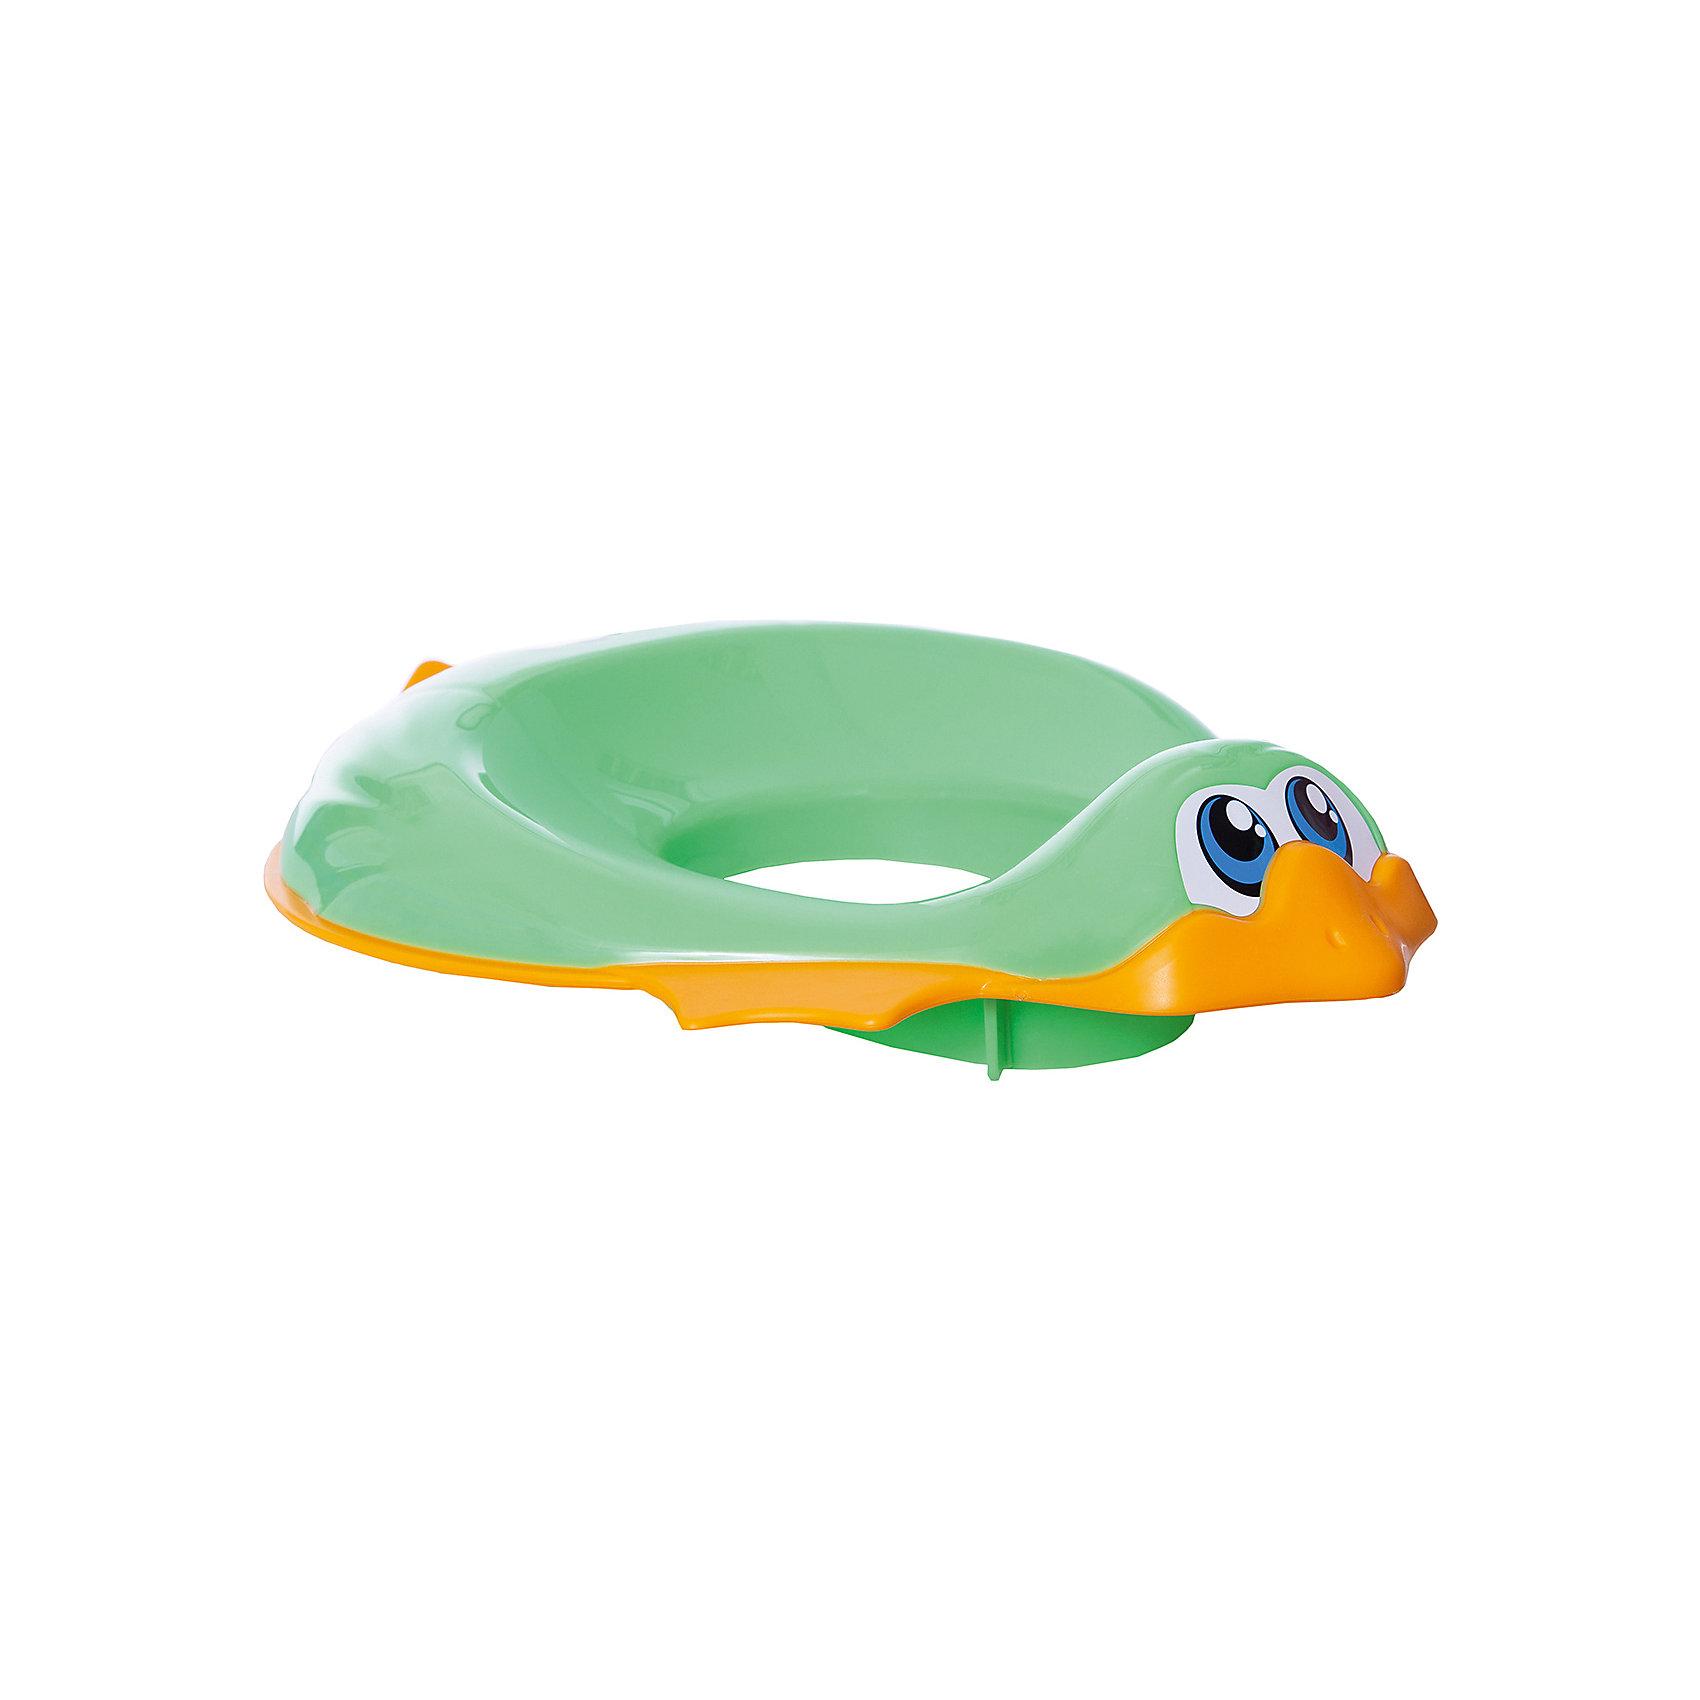 Накладка на унитаз, Ducka, Ok Baby, зеленыйГоршки, сиденья для унитаза, стульчики-подставки<br>Накладка на унитаз выполнена из высококачественных материалов, имеет привлекательный дизайн и яркий цвет. Сиденье обязательно понравится ребенку и поможет быстро приучить кроху к унитазу. Поверхность, выполненная из мягкой резины, не позволит накладке соскользнуть или изменить свое положение в то время, когда ребенок сидит на ней, обеспечит безопасность и комфорт. <br><br>Дополнительная информация:<br><br>- Материал: пластик, резина.<br>- Размер: 32,5х9,5х41 см.<br>- Анатомическая форма. <br>- Подходит для унитазов разных форм и размеров. <br>- Яркий, привлекательный дизайн. <br><br>Накладку на унитаз, Ducka, Ok Baby, зеленую, можно купить в нашем магазине.<br><br>Ширина мм: 950<br>Глубина мм: 410<br>Высота мм: 325<br>Вес г: 800<br>Возраст от месяцев: 12<br>Возраст до месяцев: 48<br>Пол: Унисекс<br>Возраст: Детский<br>SKU: 4443715